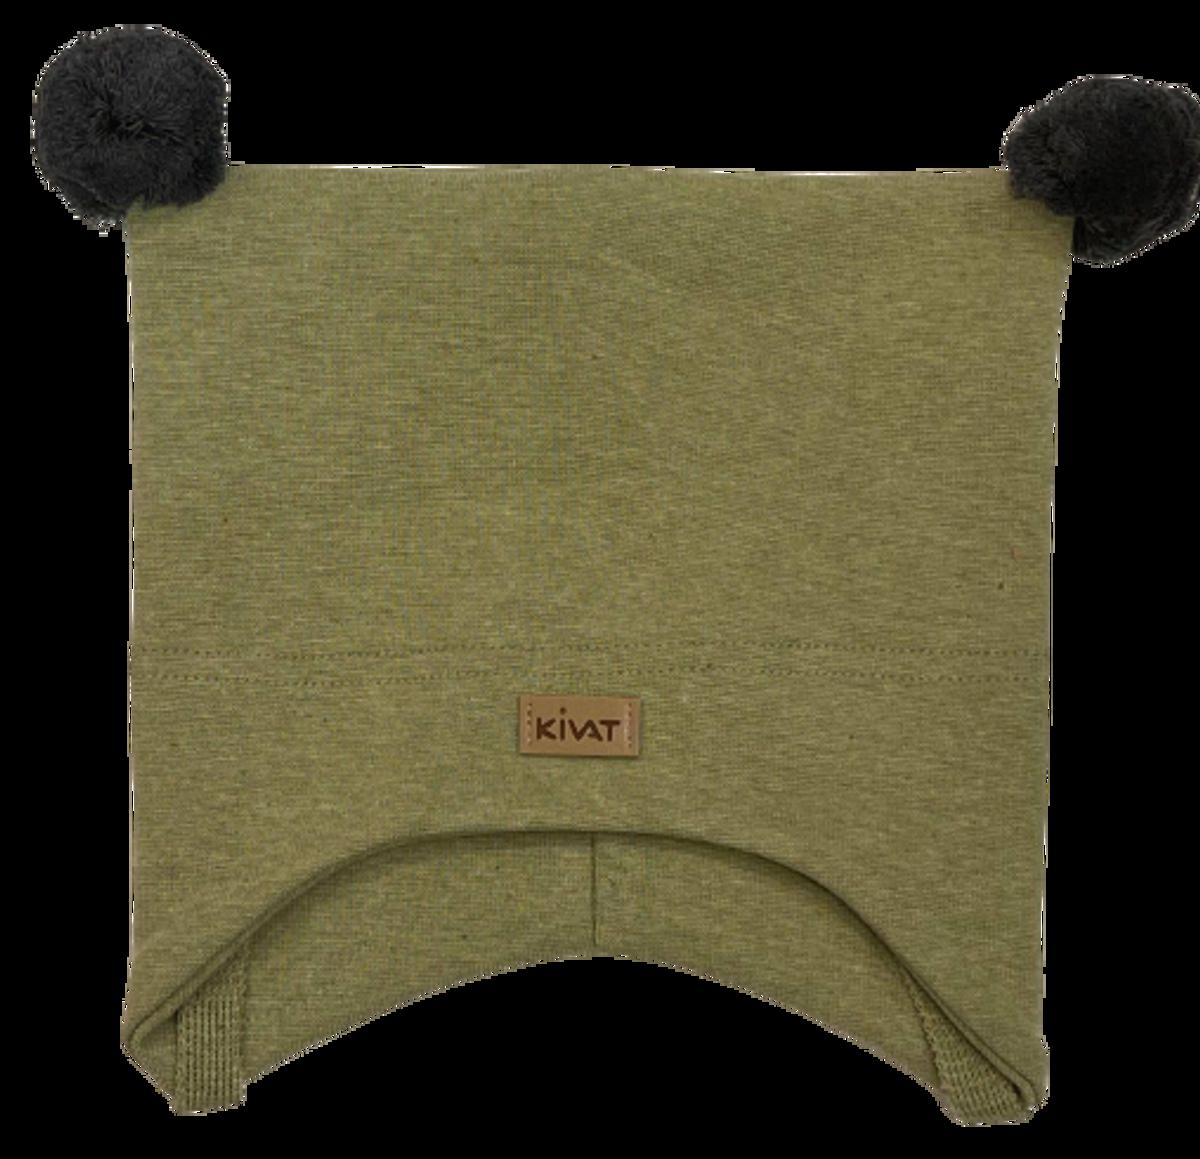 Kivat Logo knytelue m/dusker - grønn/grå